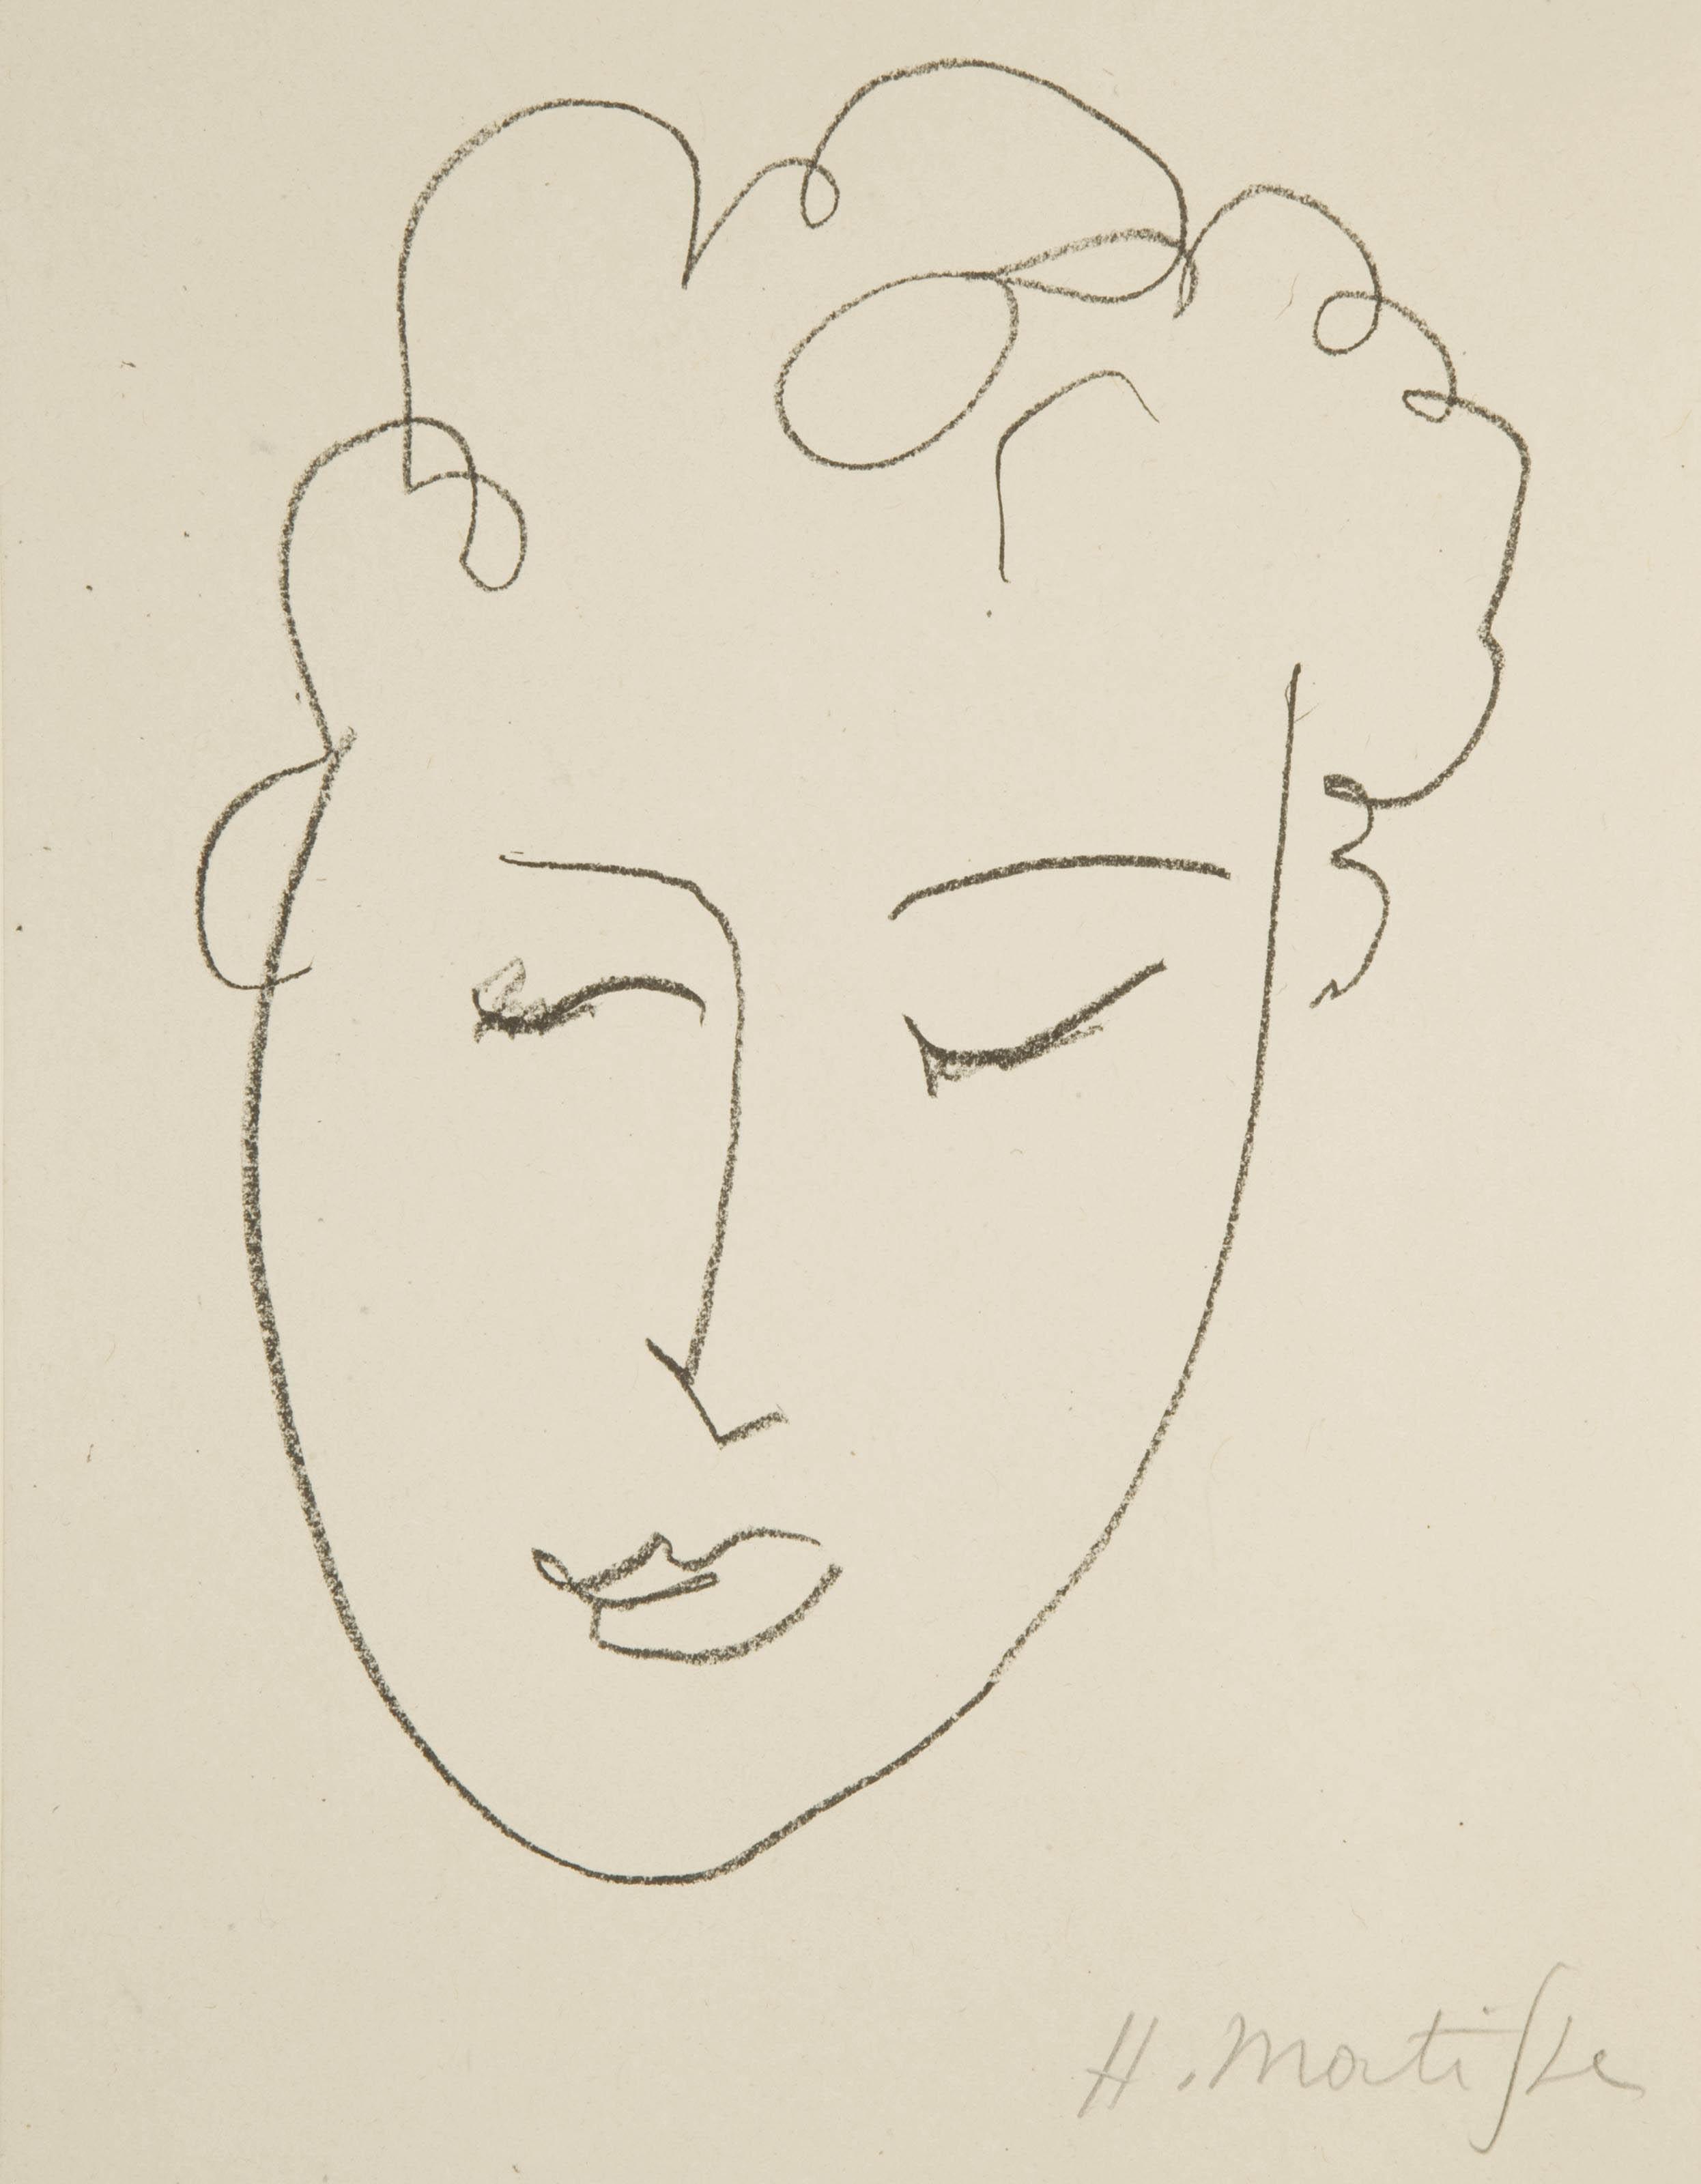 Les 15 meilleures images à propos de Tabu sur Pinterest | Saint ... |  Dessin matisse, Matisse, Henri matisse